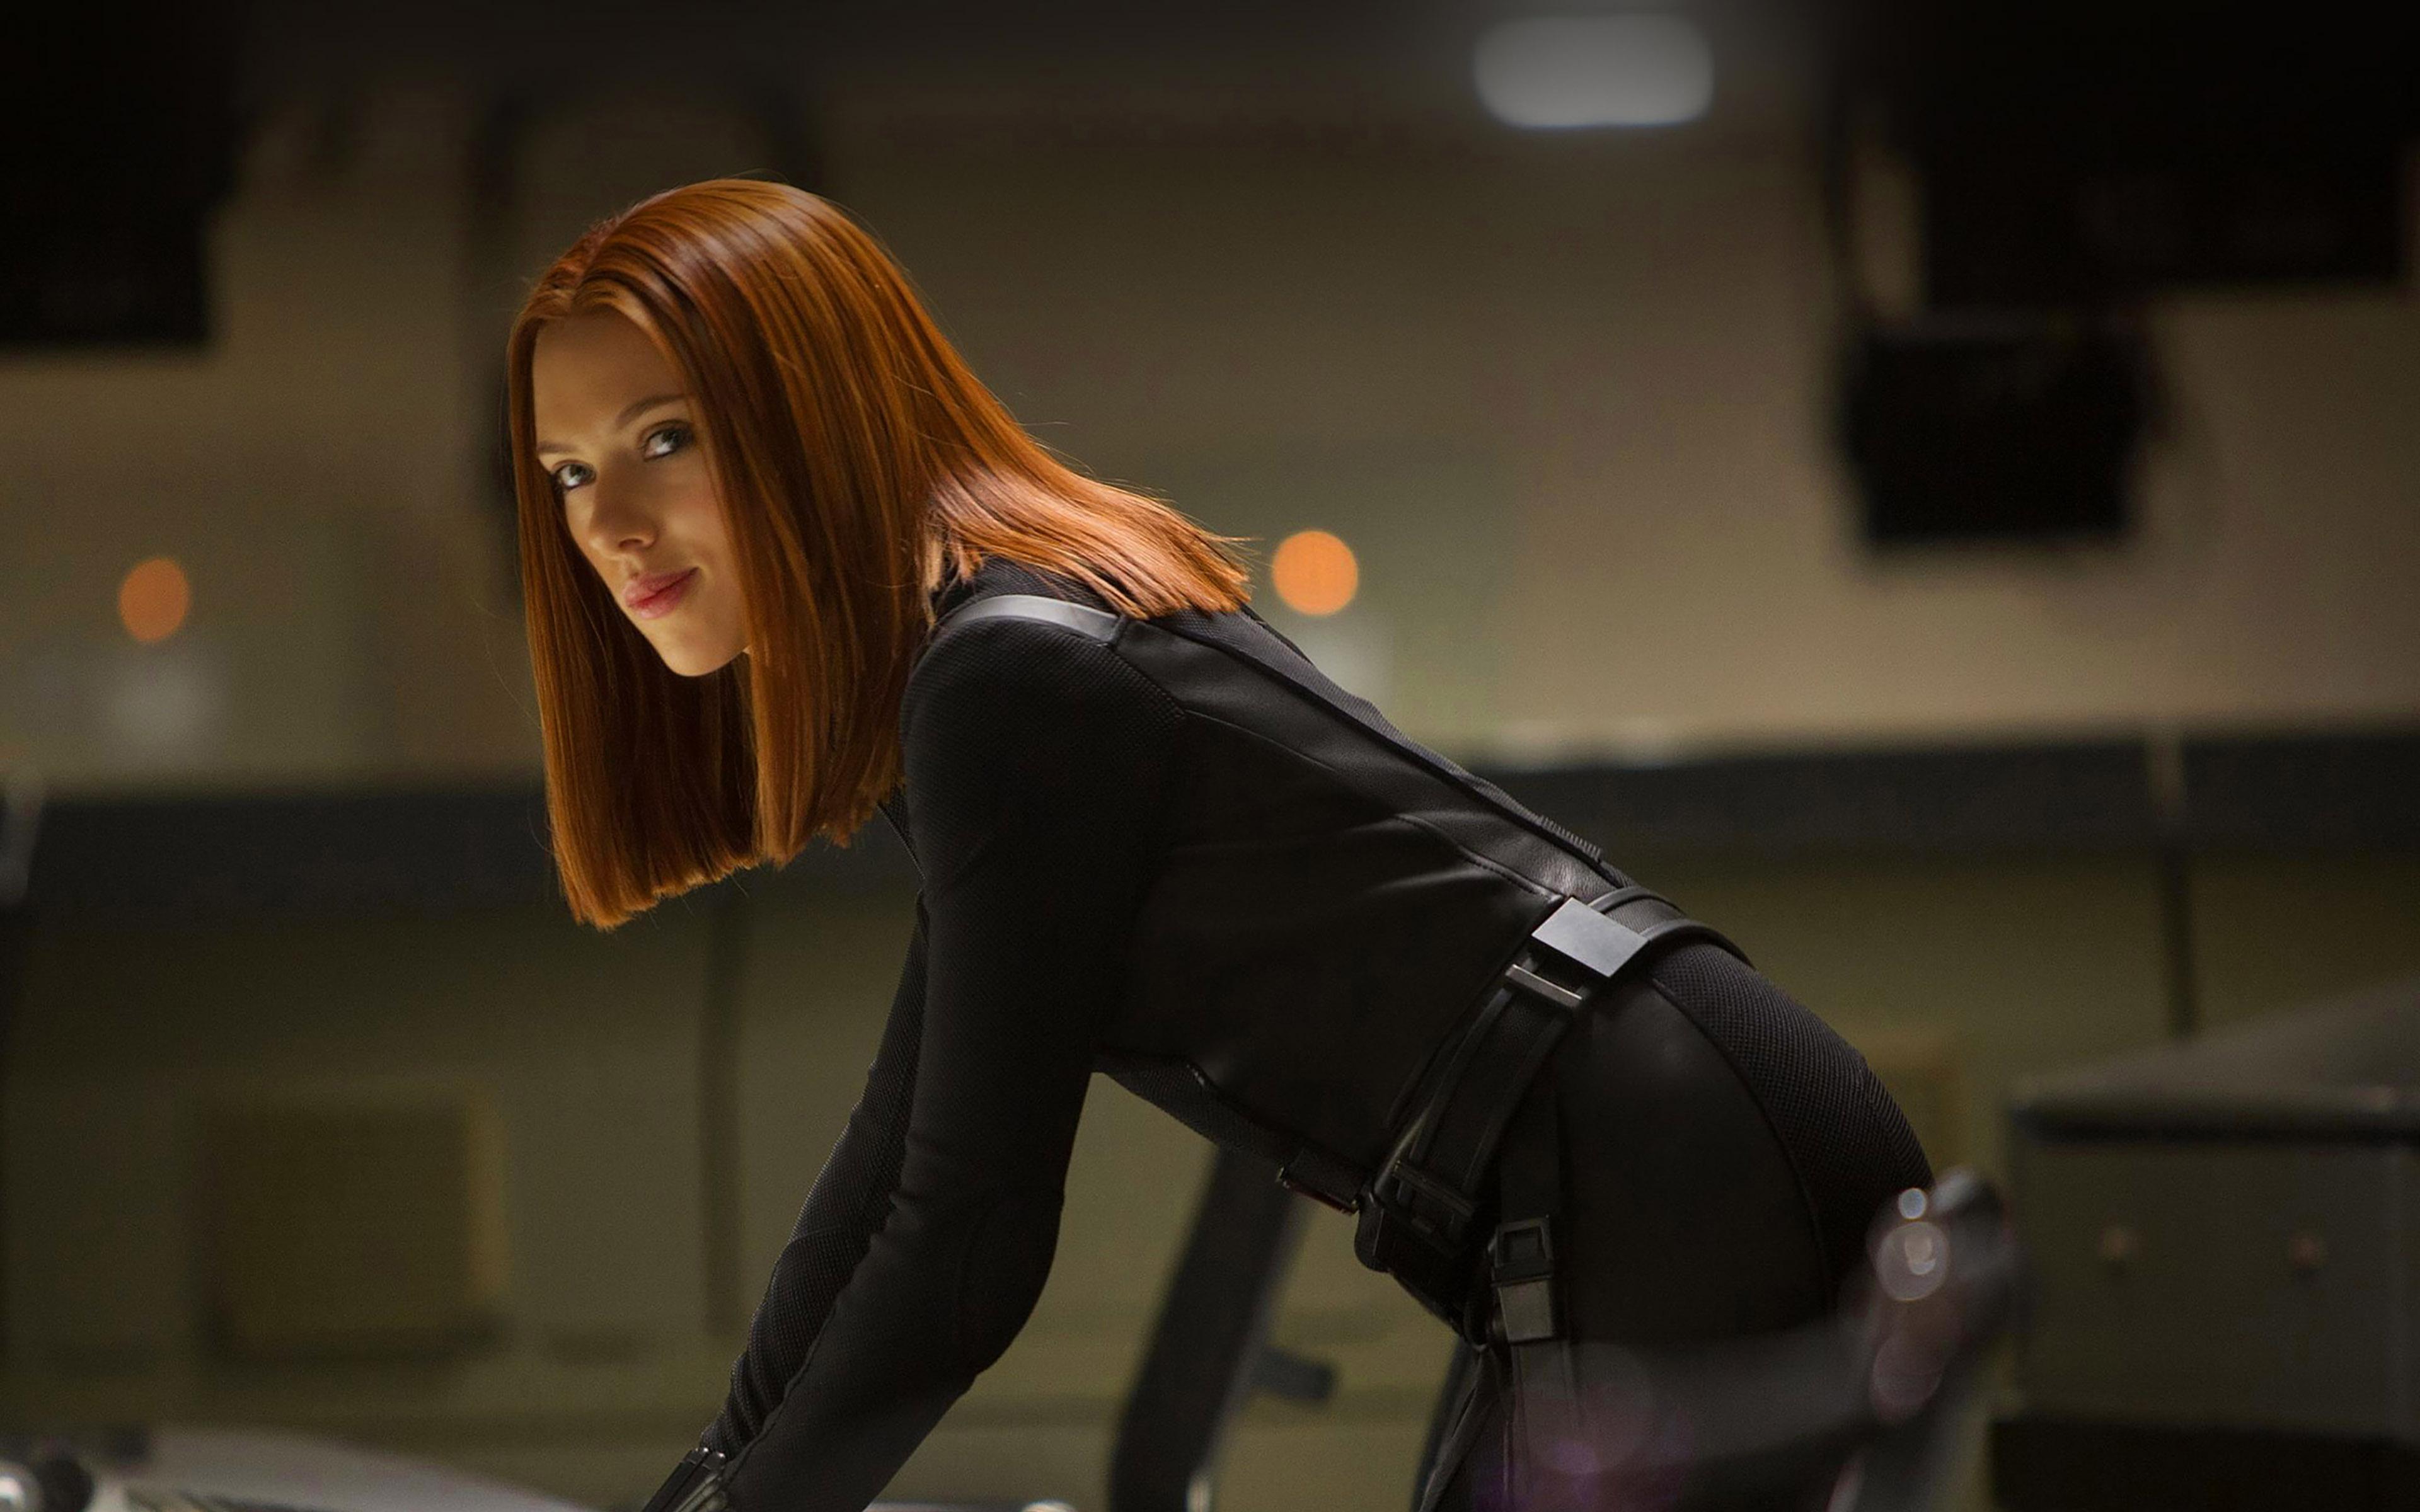 Ha70 Wallpaper Black Widow Scarlett Johansson Face Film Papers Co